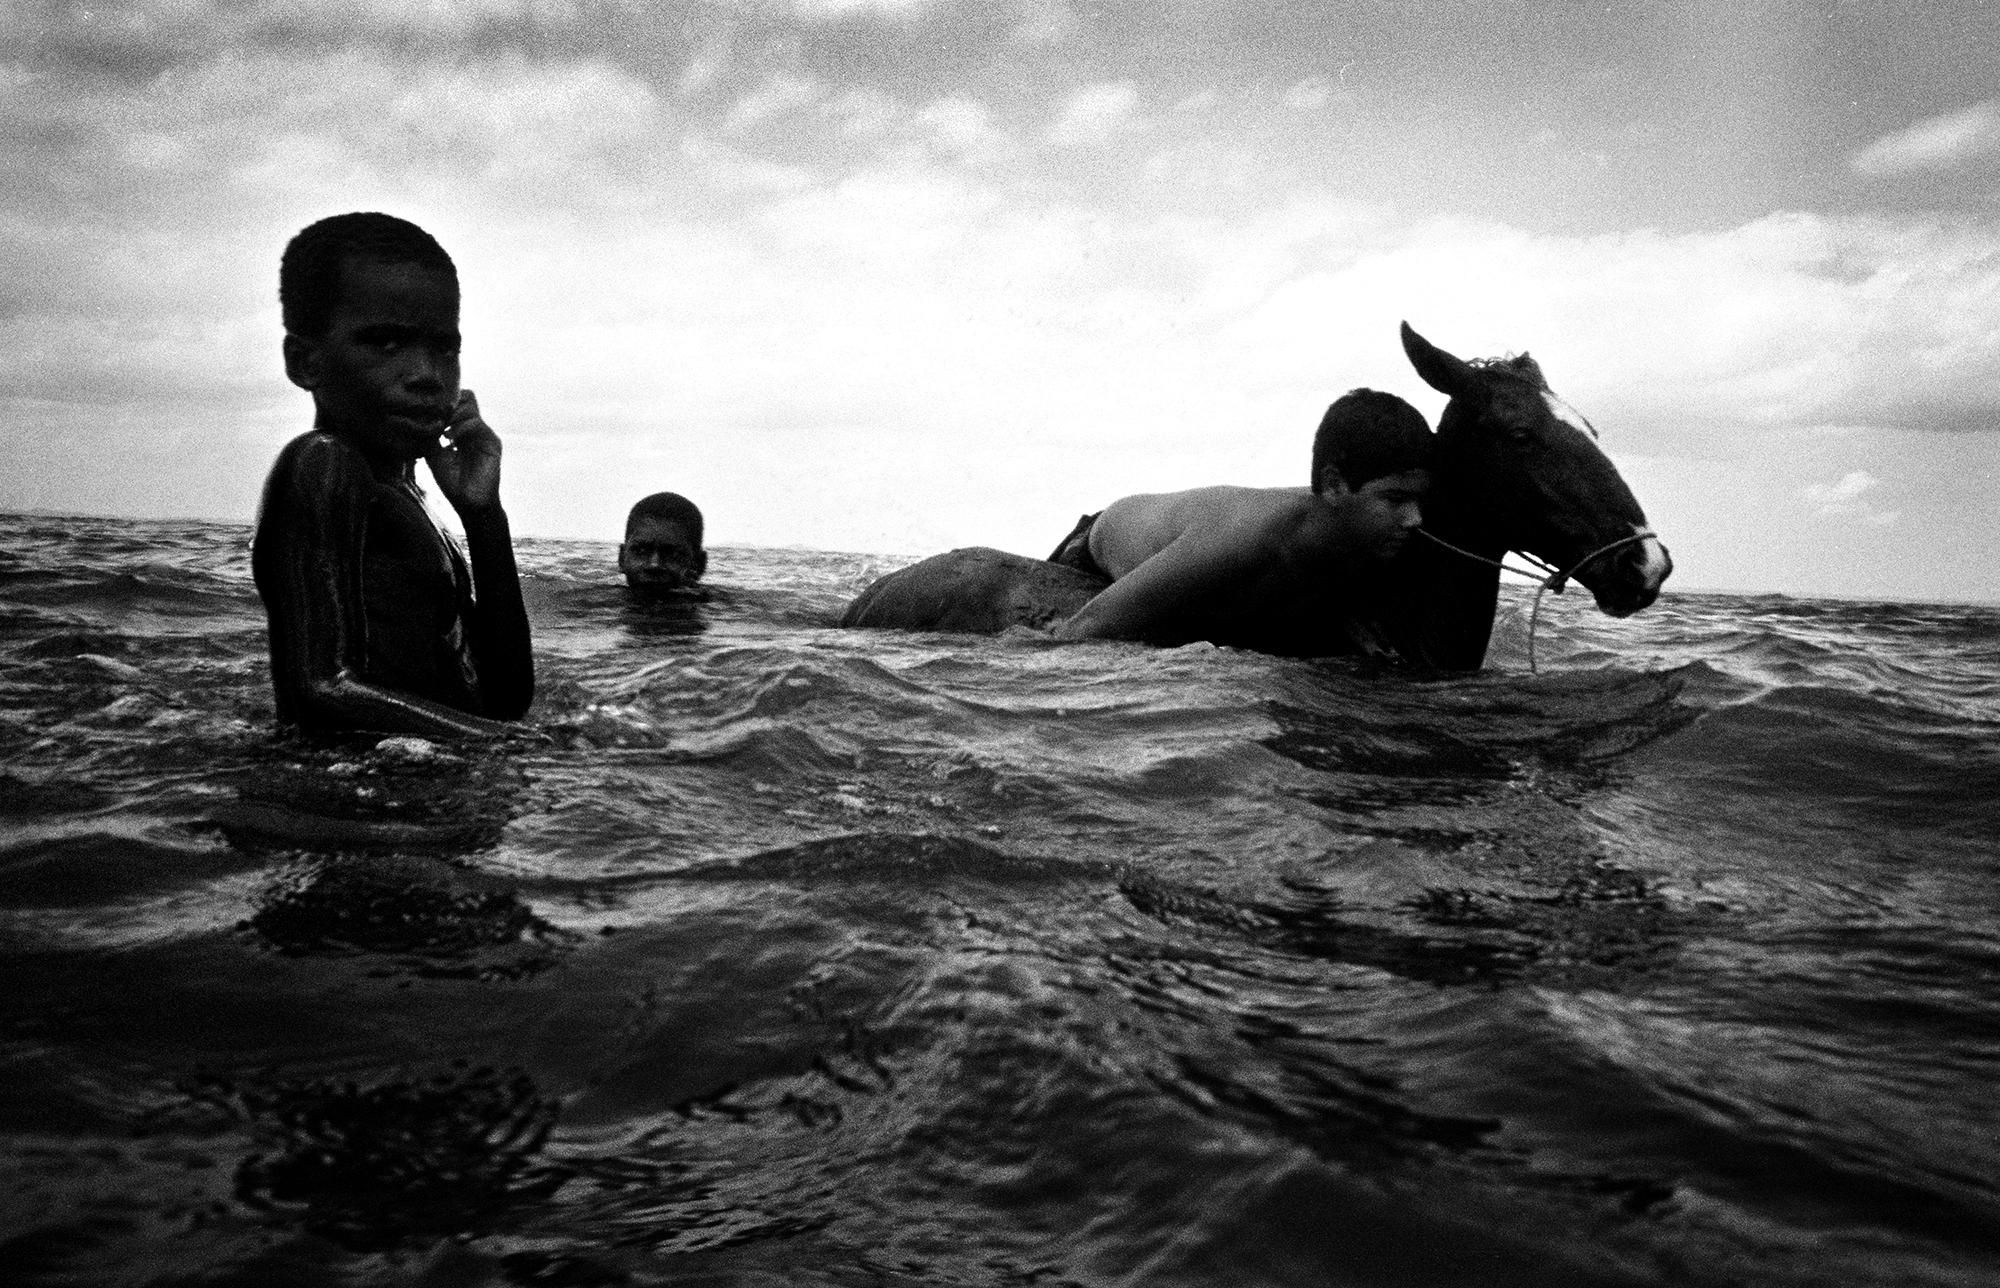 Fotó: Molnár Zoltán: Gyerekek szamárral a brazíliai Salvador da Bahia partjainál.